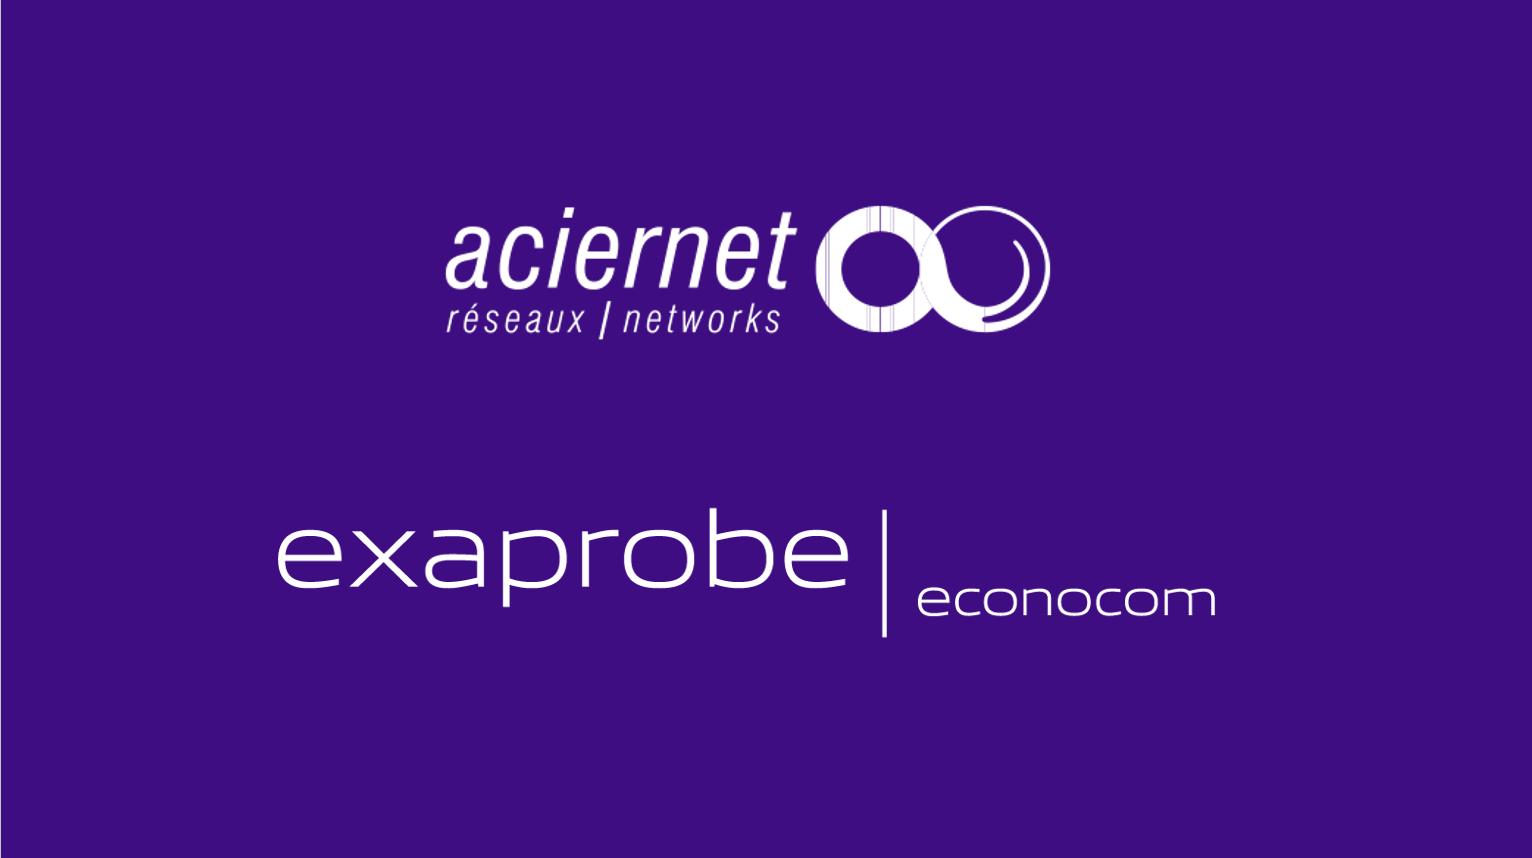 Aciernet-Exaprobe becomes Exaprobe